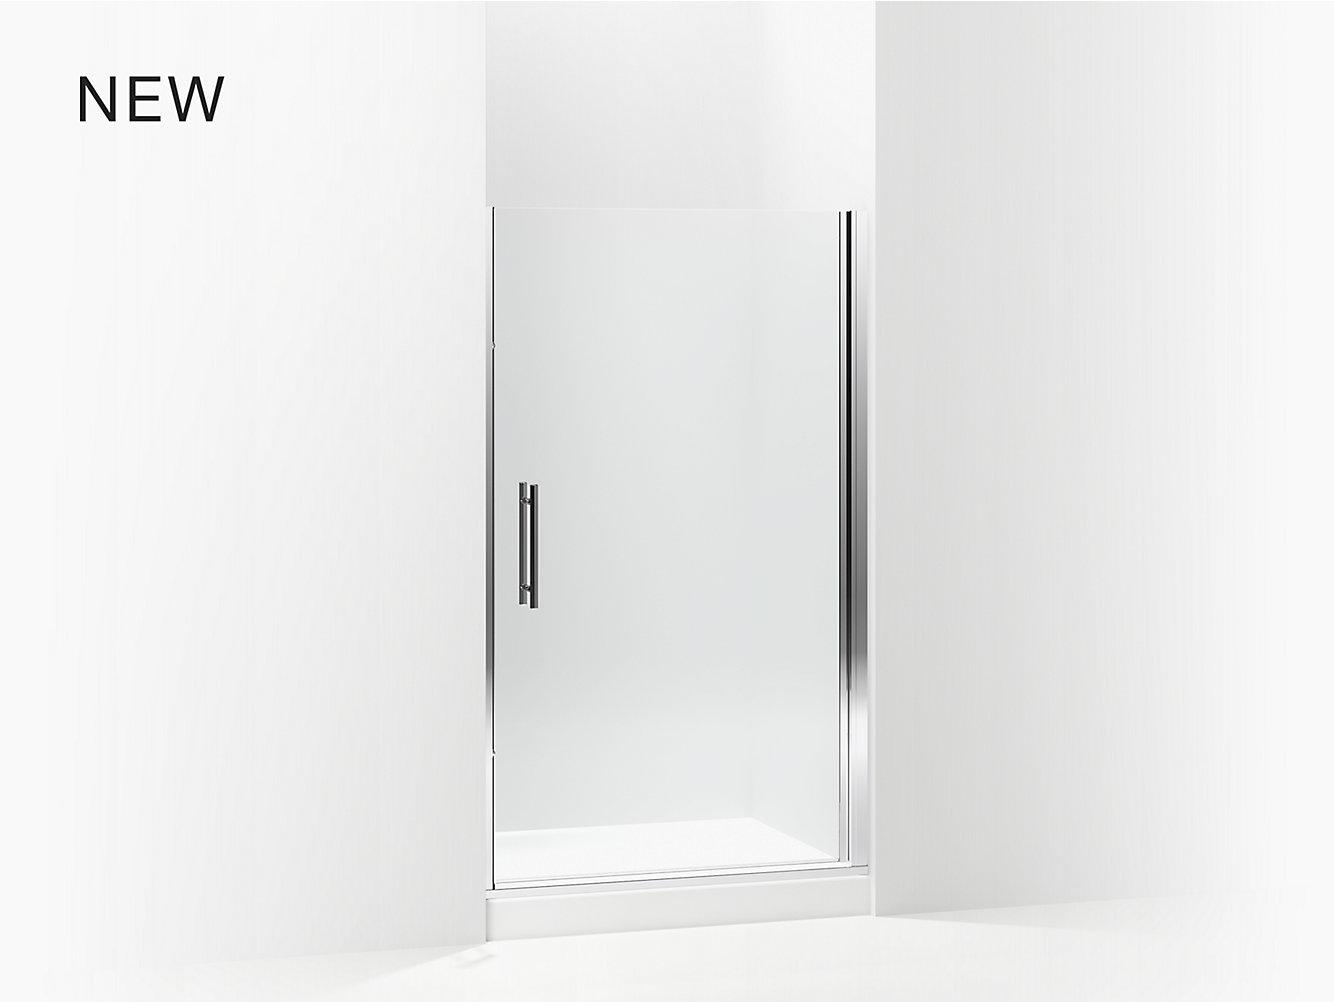 Finesse Peak Swinging Shower Door Height 67 Max Opening 42